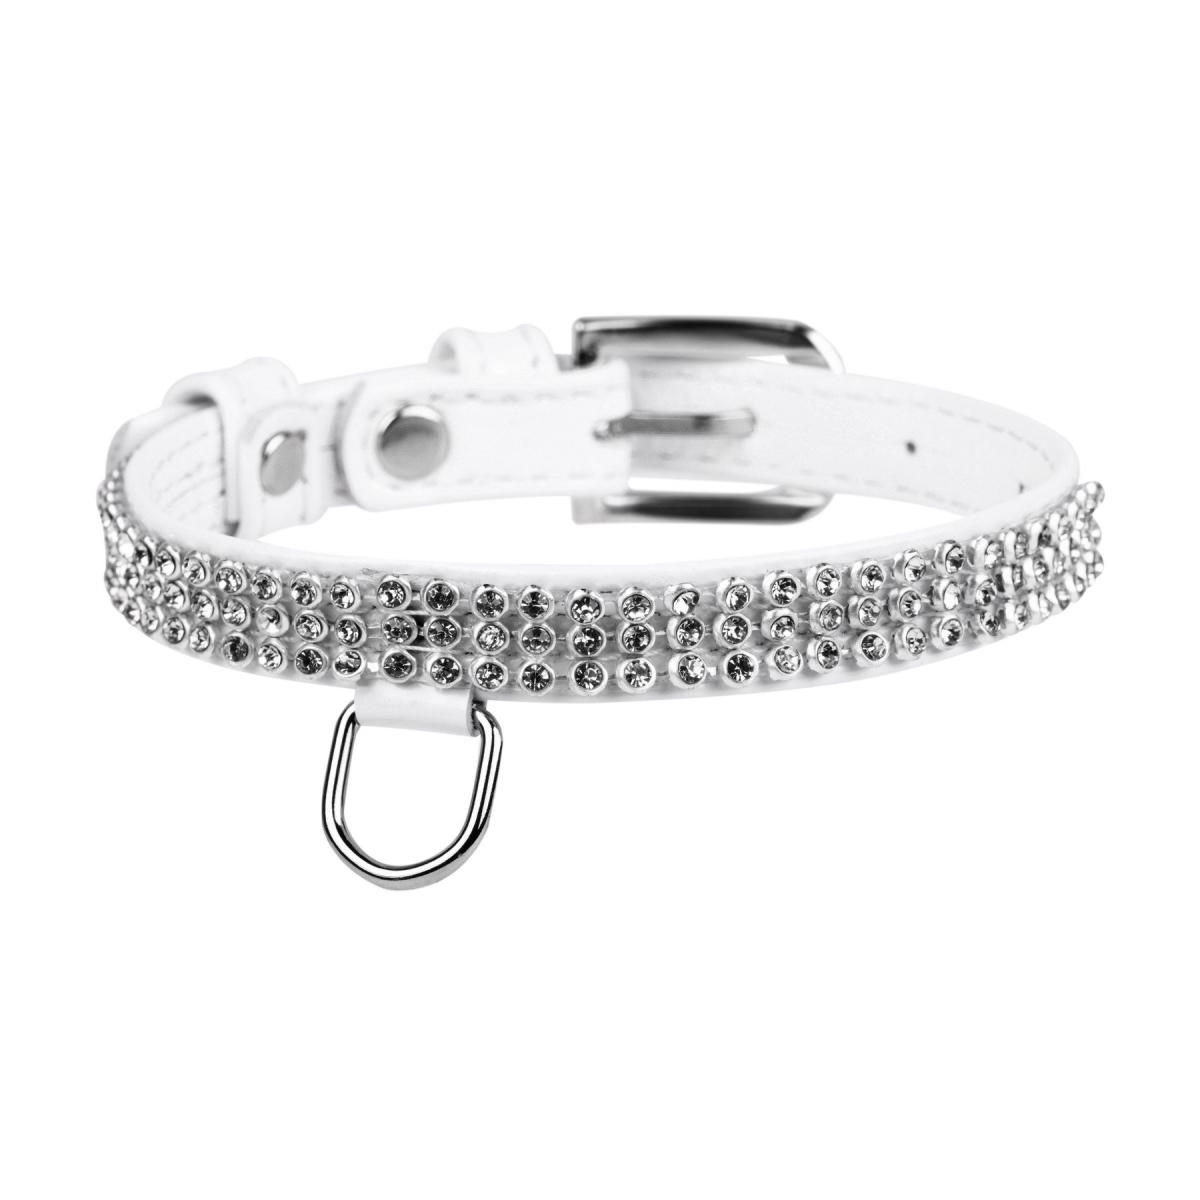 COLLAR Brilliance нашийник для собак, 12 мм/21-29 см